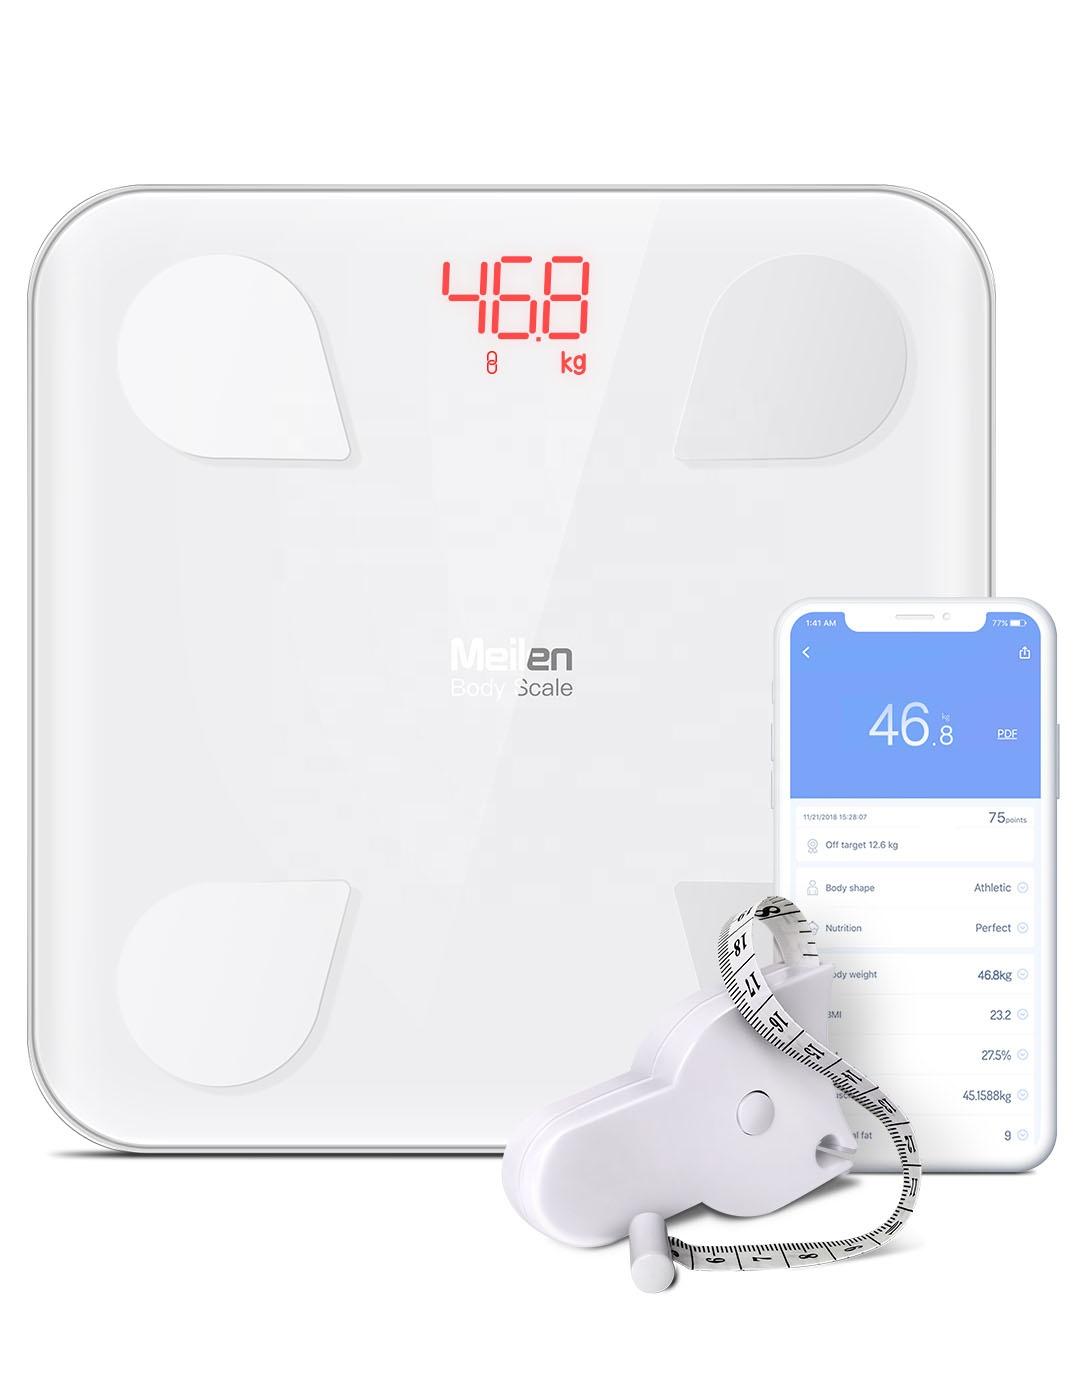 180Kg Timbangan Elektronik Meilen Konektivitas Bluetooth Komposisi Lemak Tubuh Analyzer BMI Smart Timbangan dengan Aplikasi